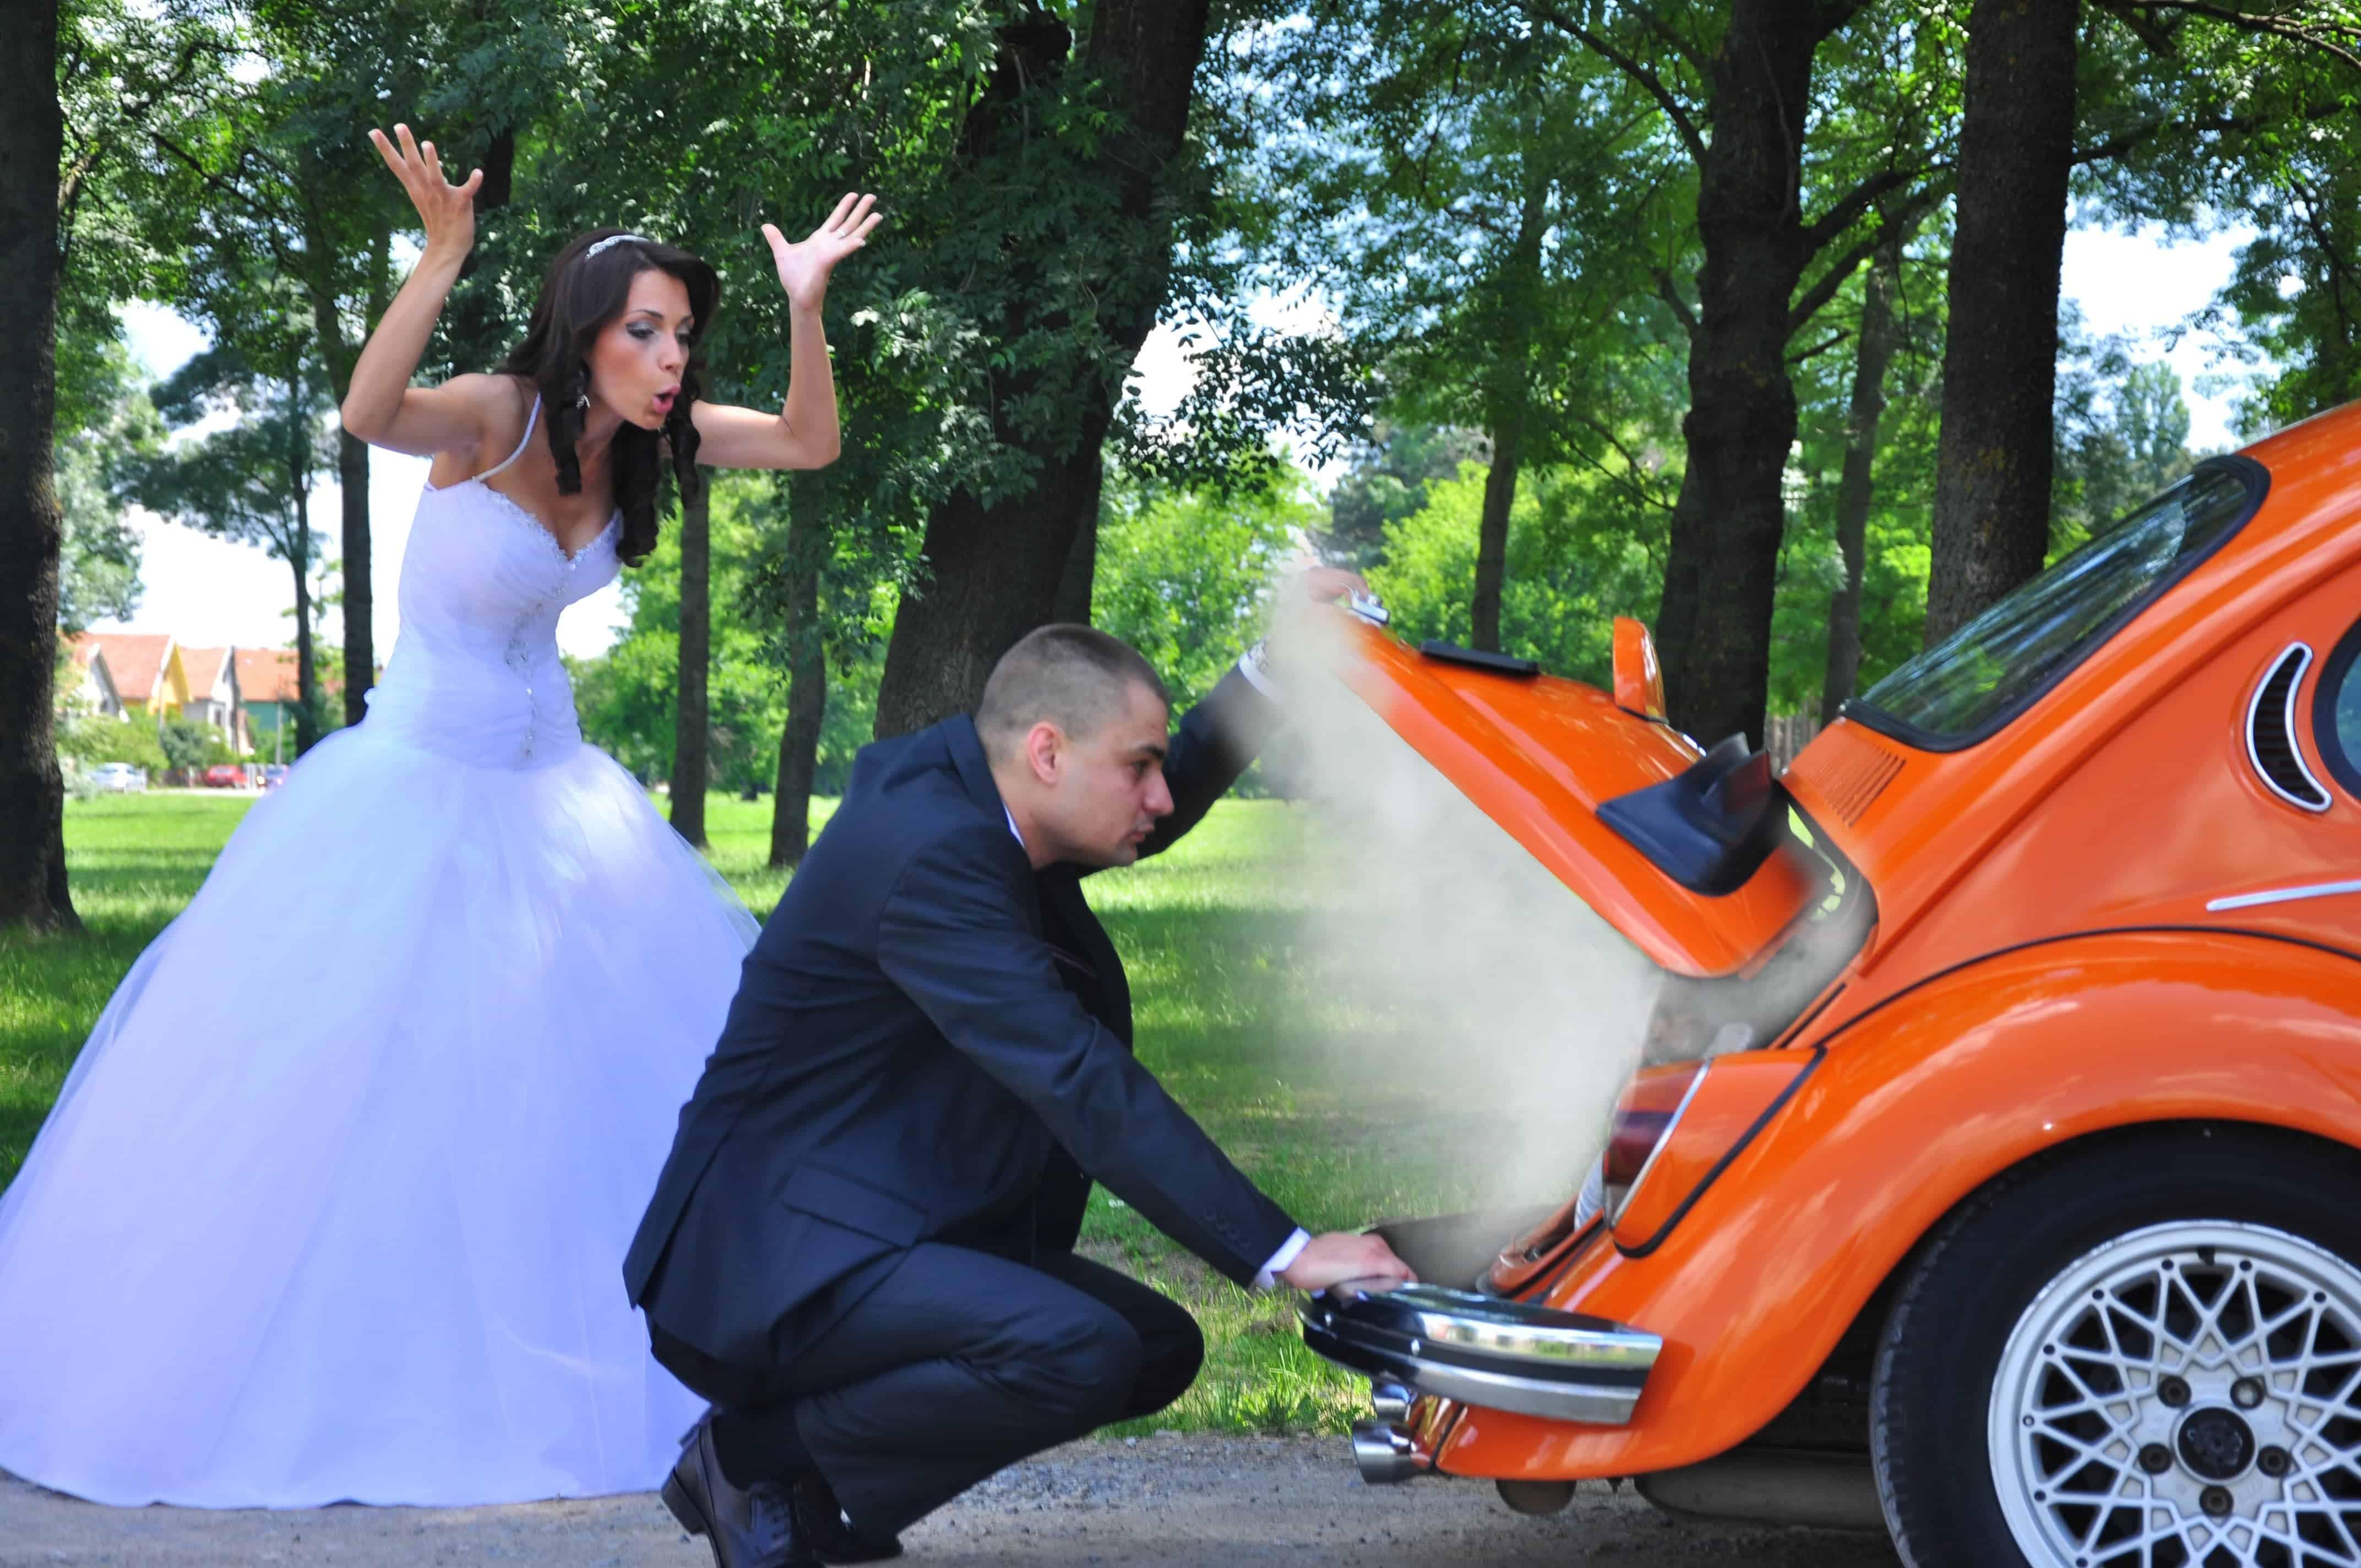 Couple de marès devant une voiture en panne